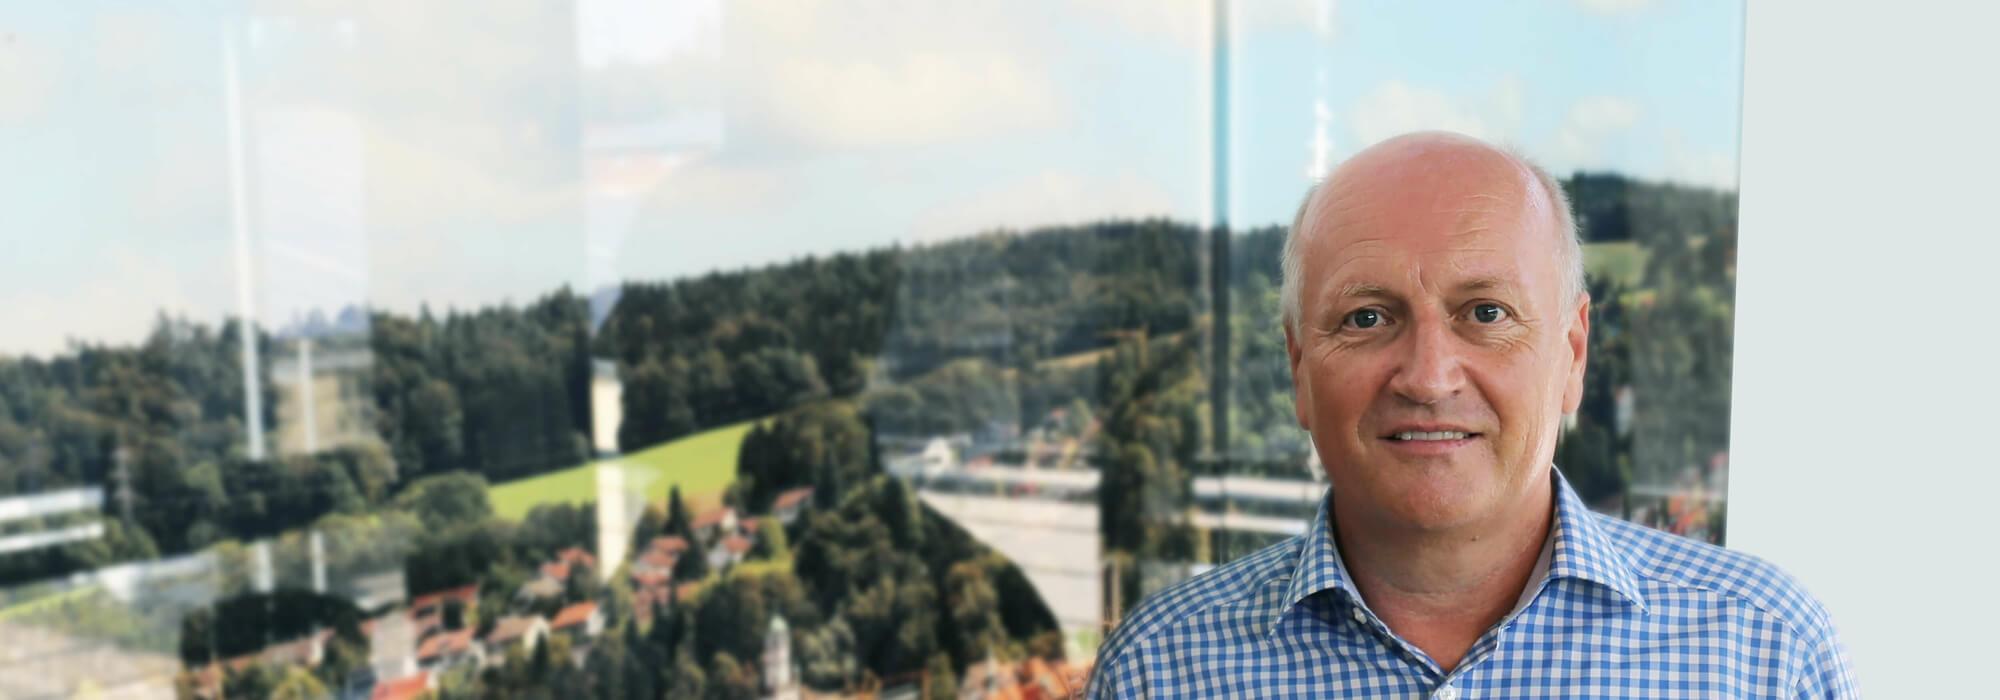 Heiko Gütschel: SPRINZ Interior retailer for Hesse and Bavaria North